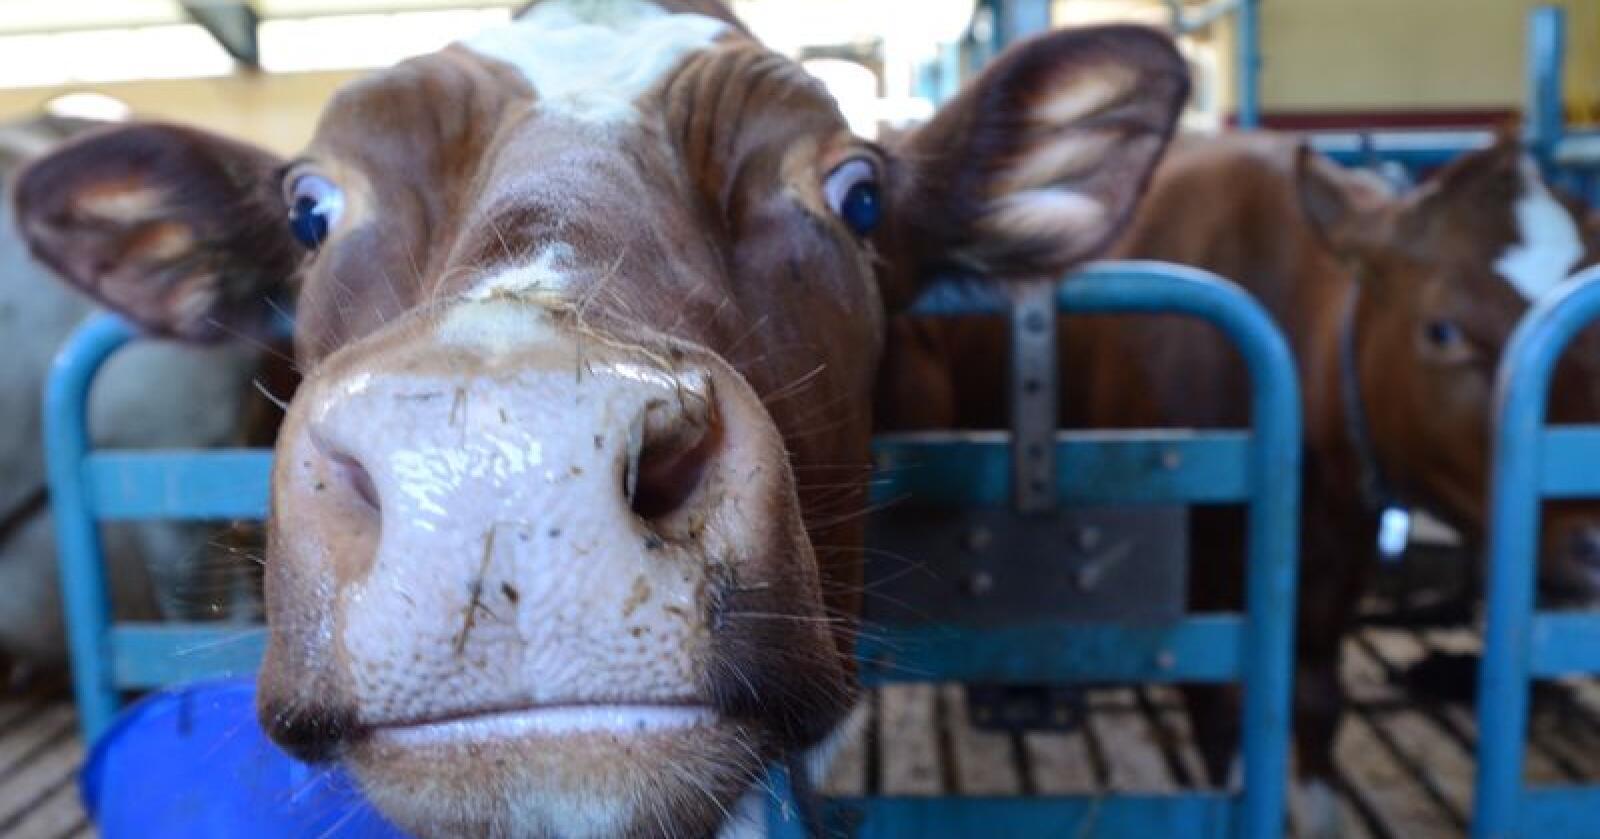 Omsetningsavgiften på ku- og geitemelk økes til 22 øre, som et ledd i nedskaleringen av produksjonen. Foto: Liv Jorunn Denstadli Sagmo